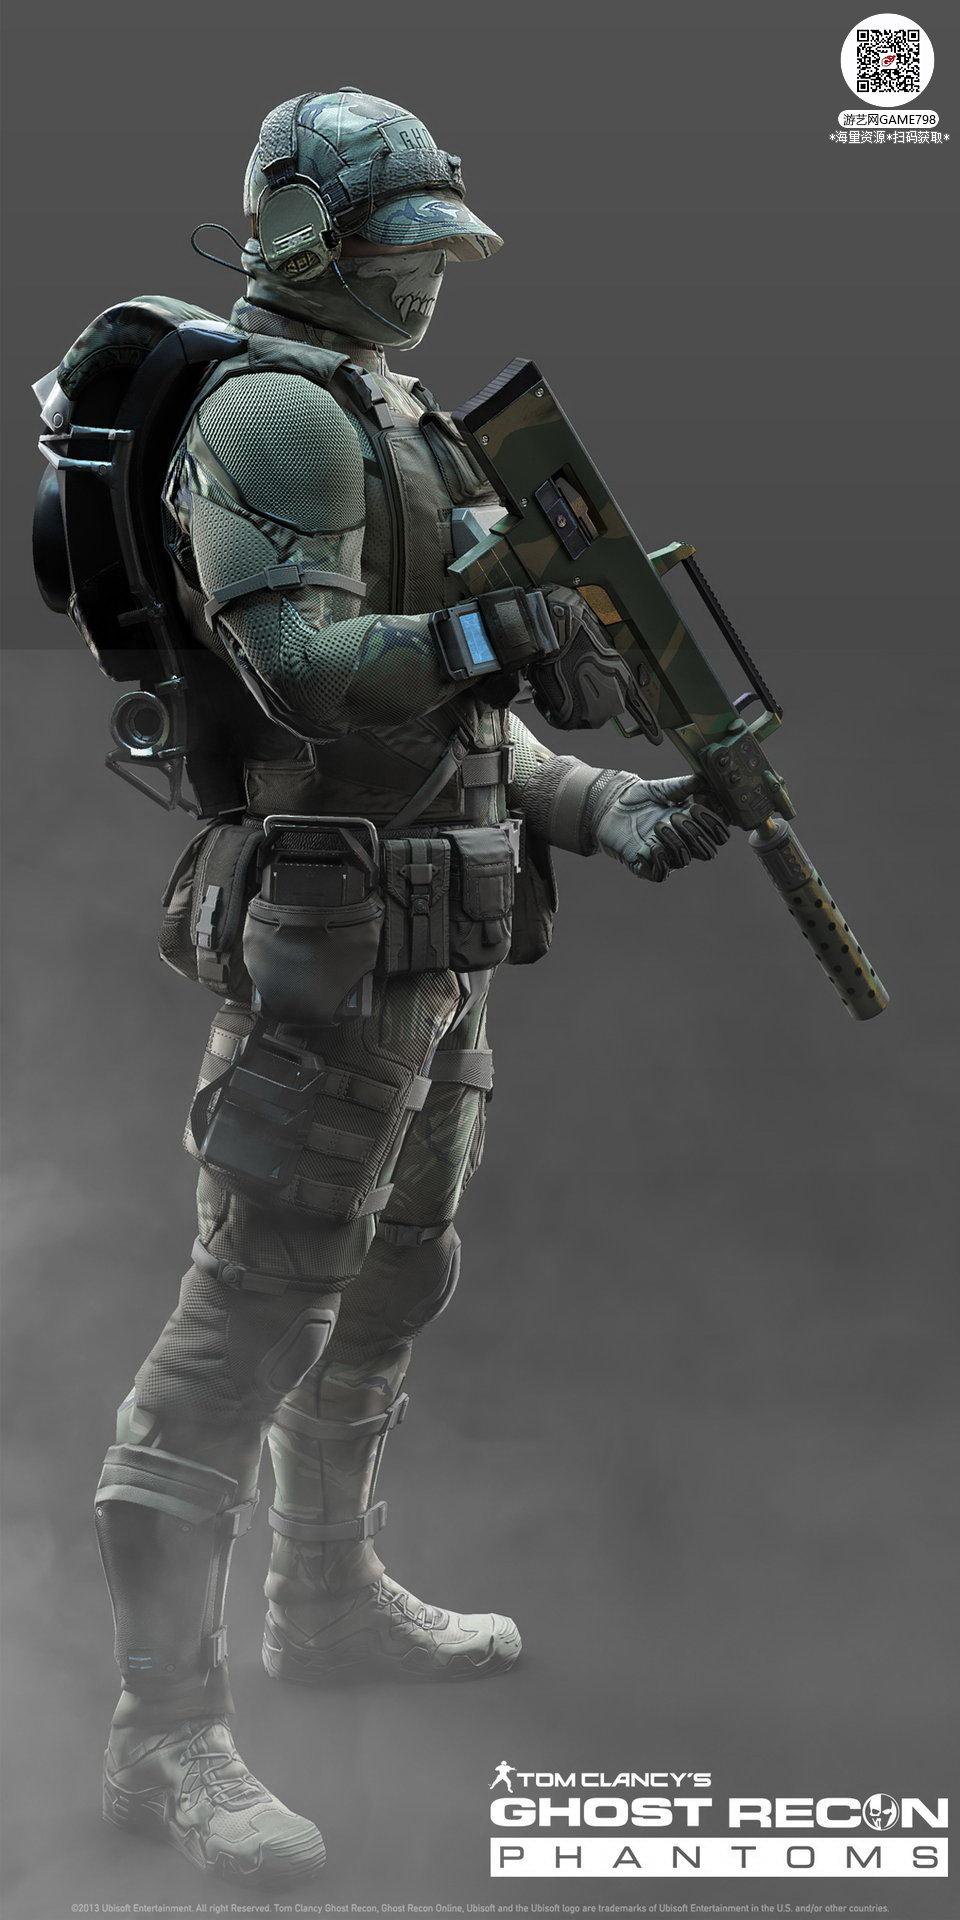 027_关注游艺网公众号获海量资源_幽灵行动未来战士次世代游戏3D模型参考原画概念设定.jpg